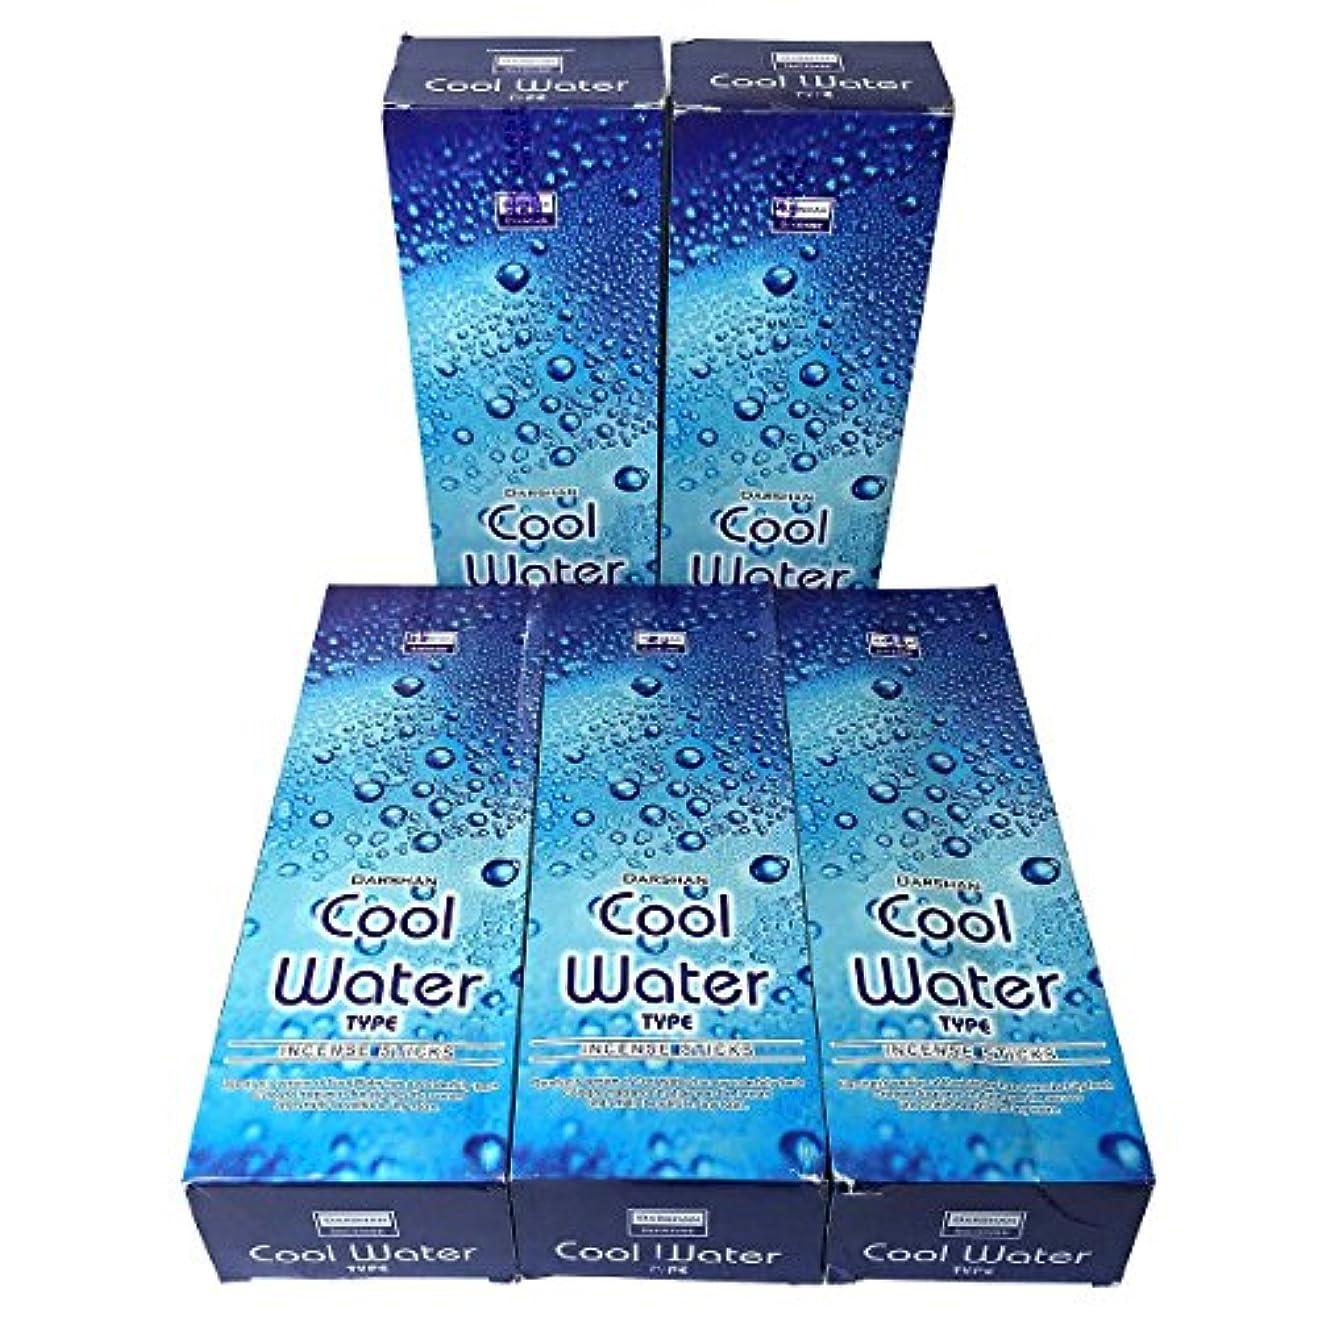 女の子変更可能定説クールウォーター香スティック 5BOX(30箱)/DARSHAN COOL WATER/ インド香 / 送料無料 [並行輸入品]